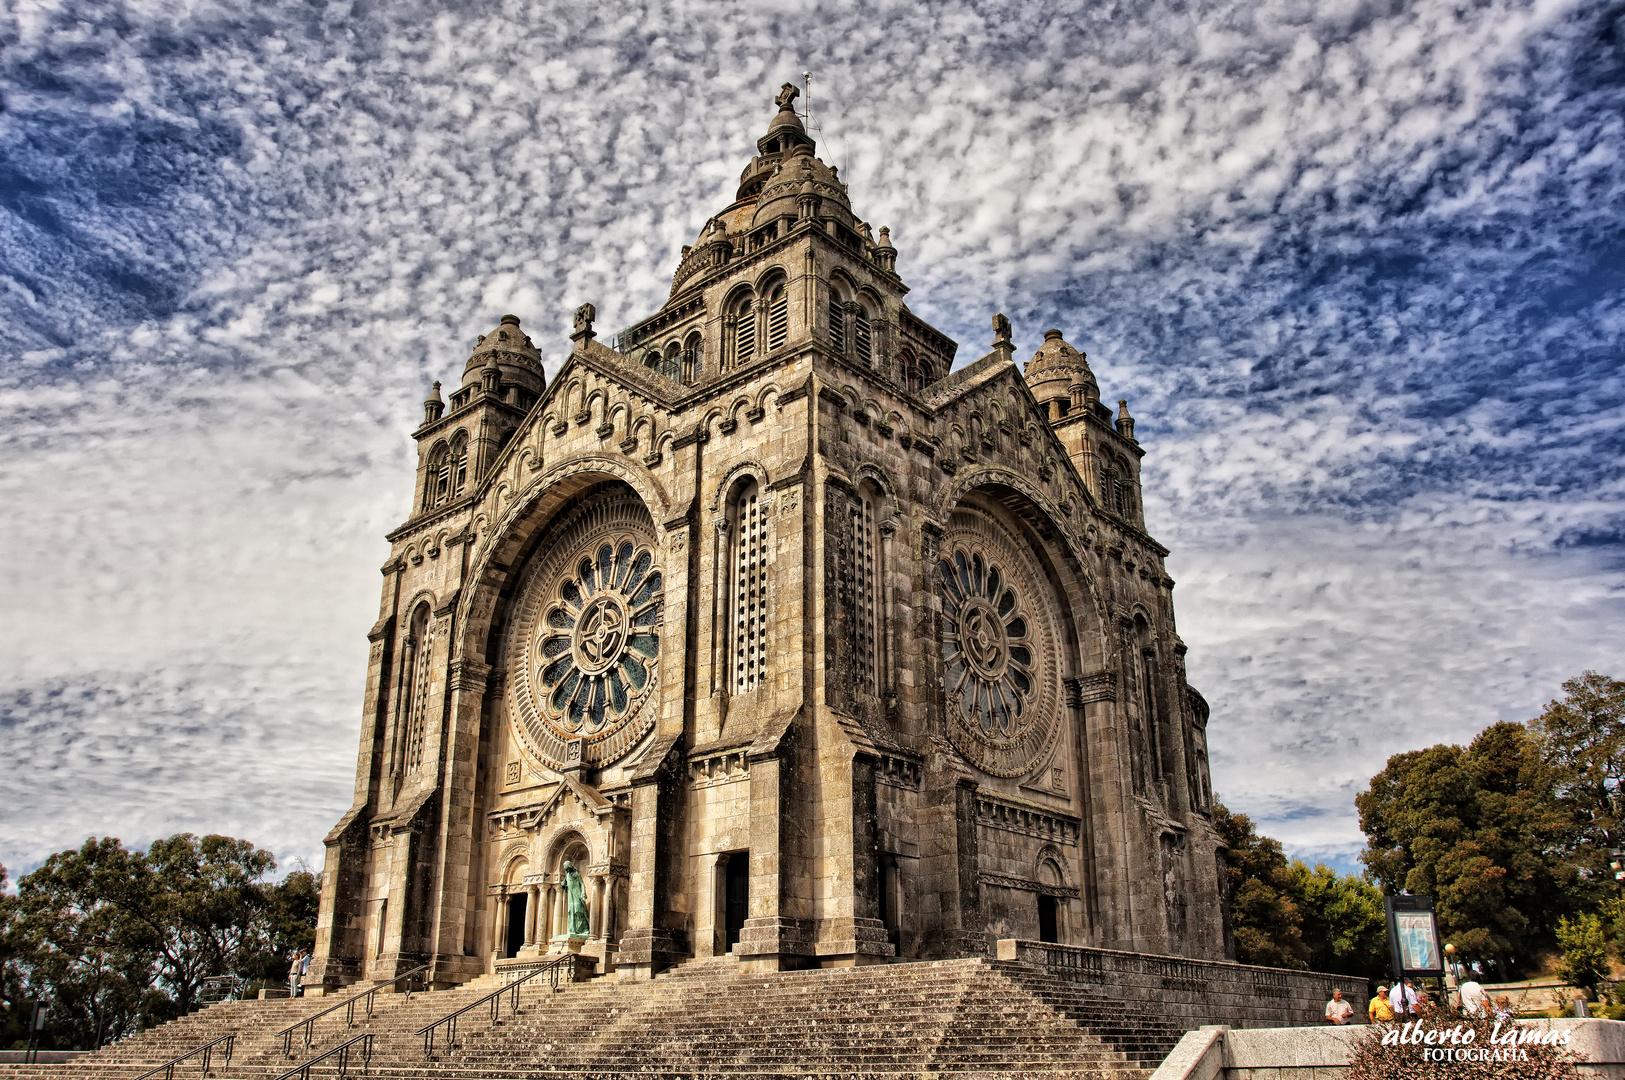 mirador de Santa Luzía (Viana - Portugal)